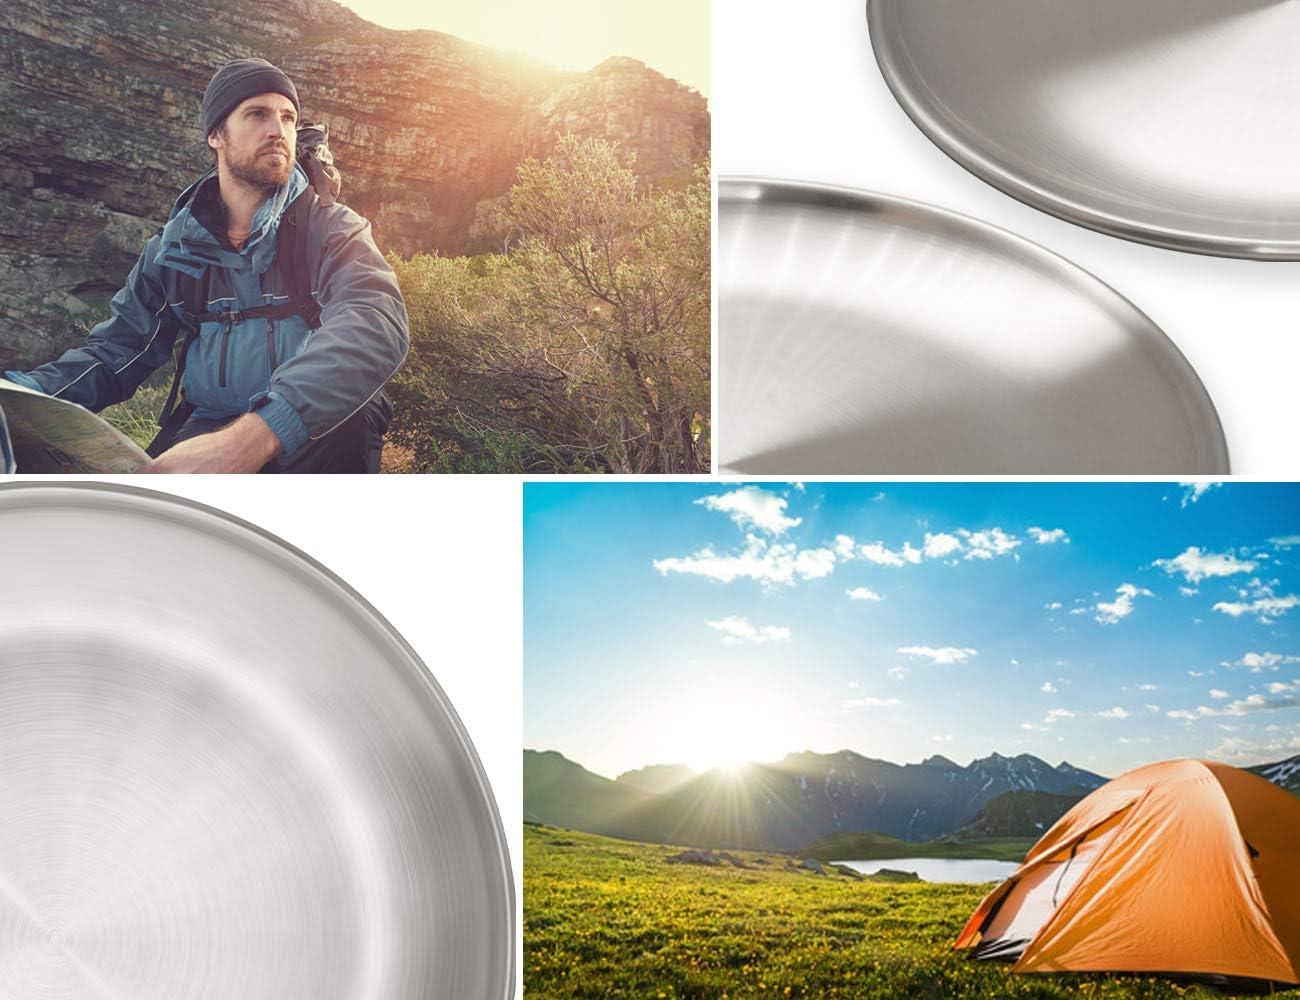 Camping-Teller Outdoor-Teller Bruch-sicher 17cm 2er Set Camping-Geschirr Outdoor Saxx/® 2X stabile Edelstahl-Teller Wandern Zelten